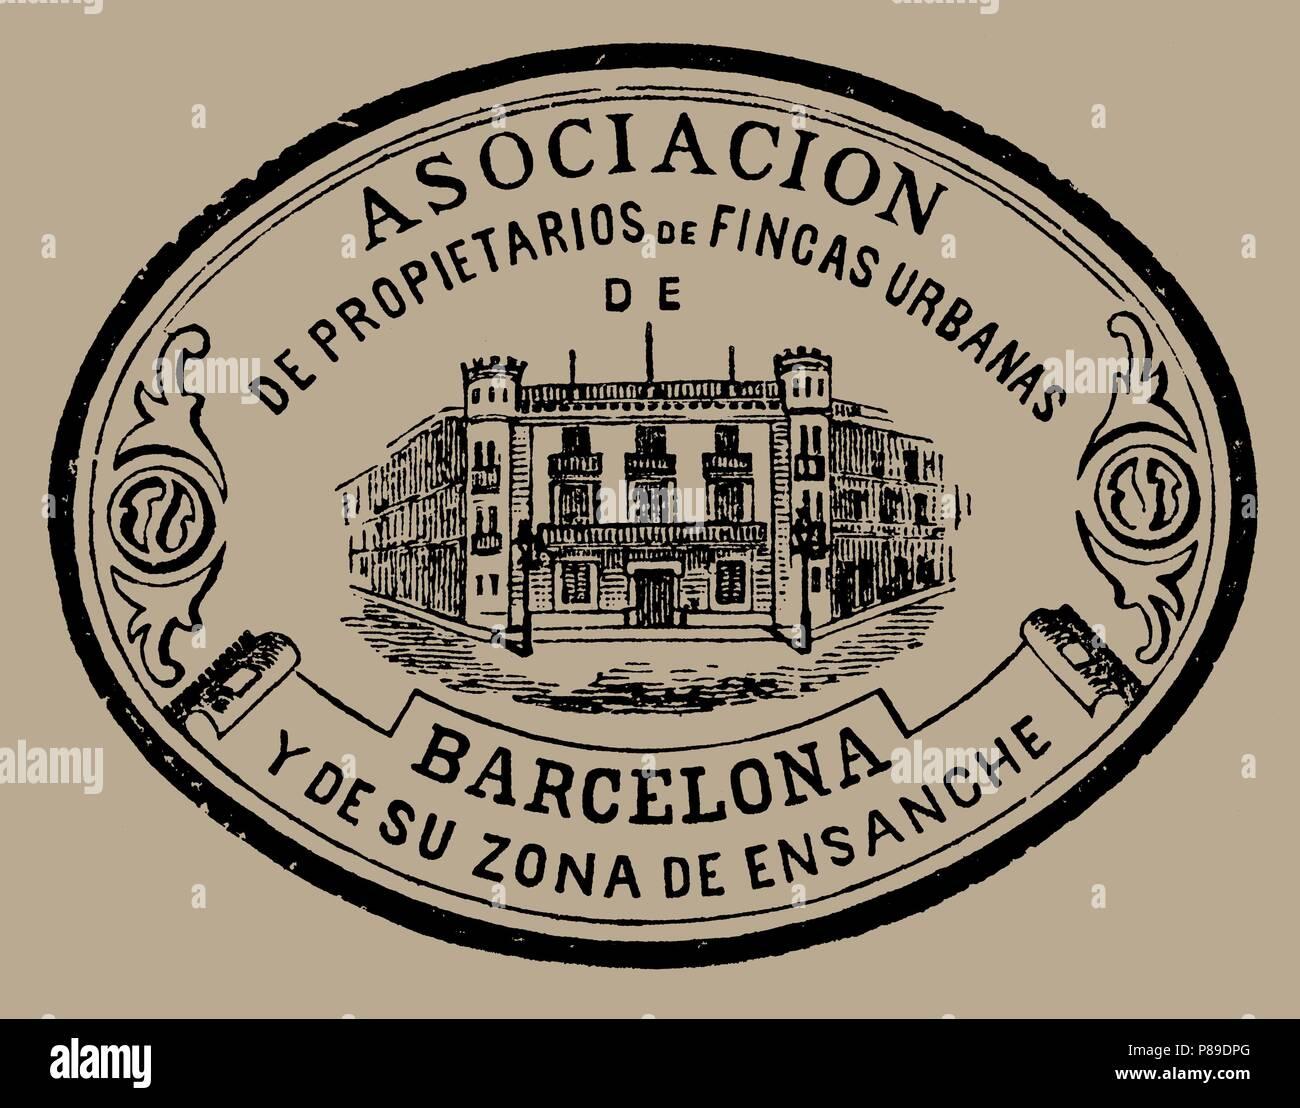 75f71ce30e8 Logotipo de la Asociación de Propietarios de Fincas Urbanas de Barcelona.  Años 1880.